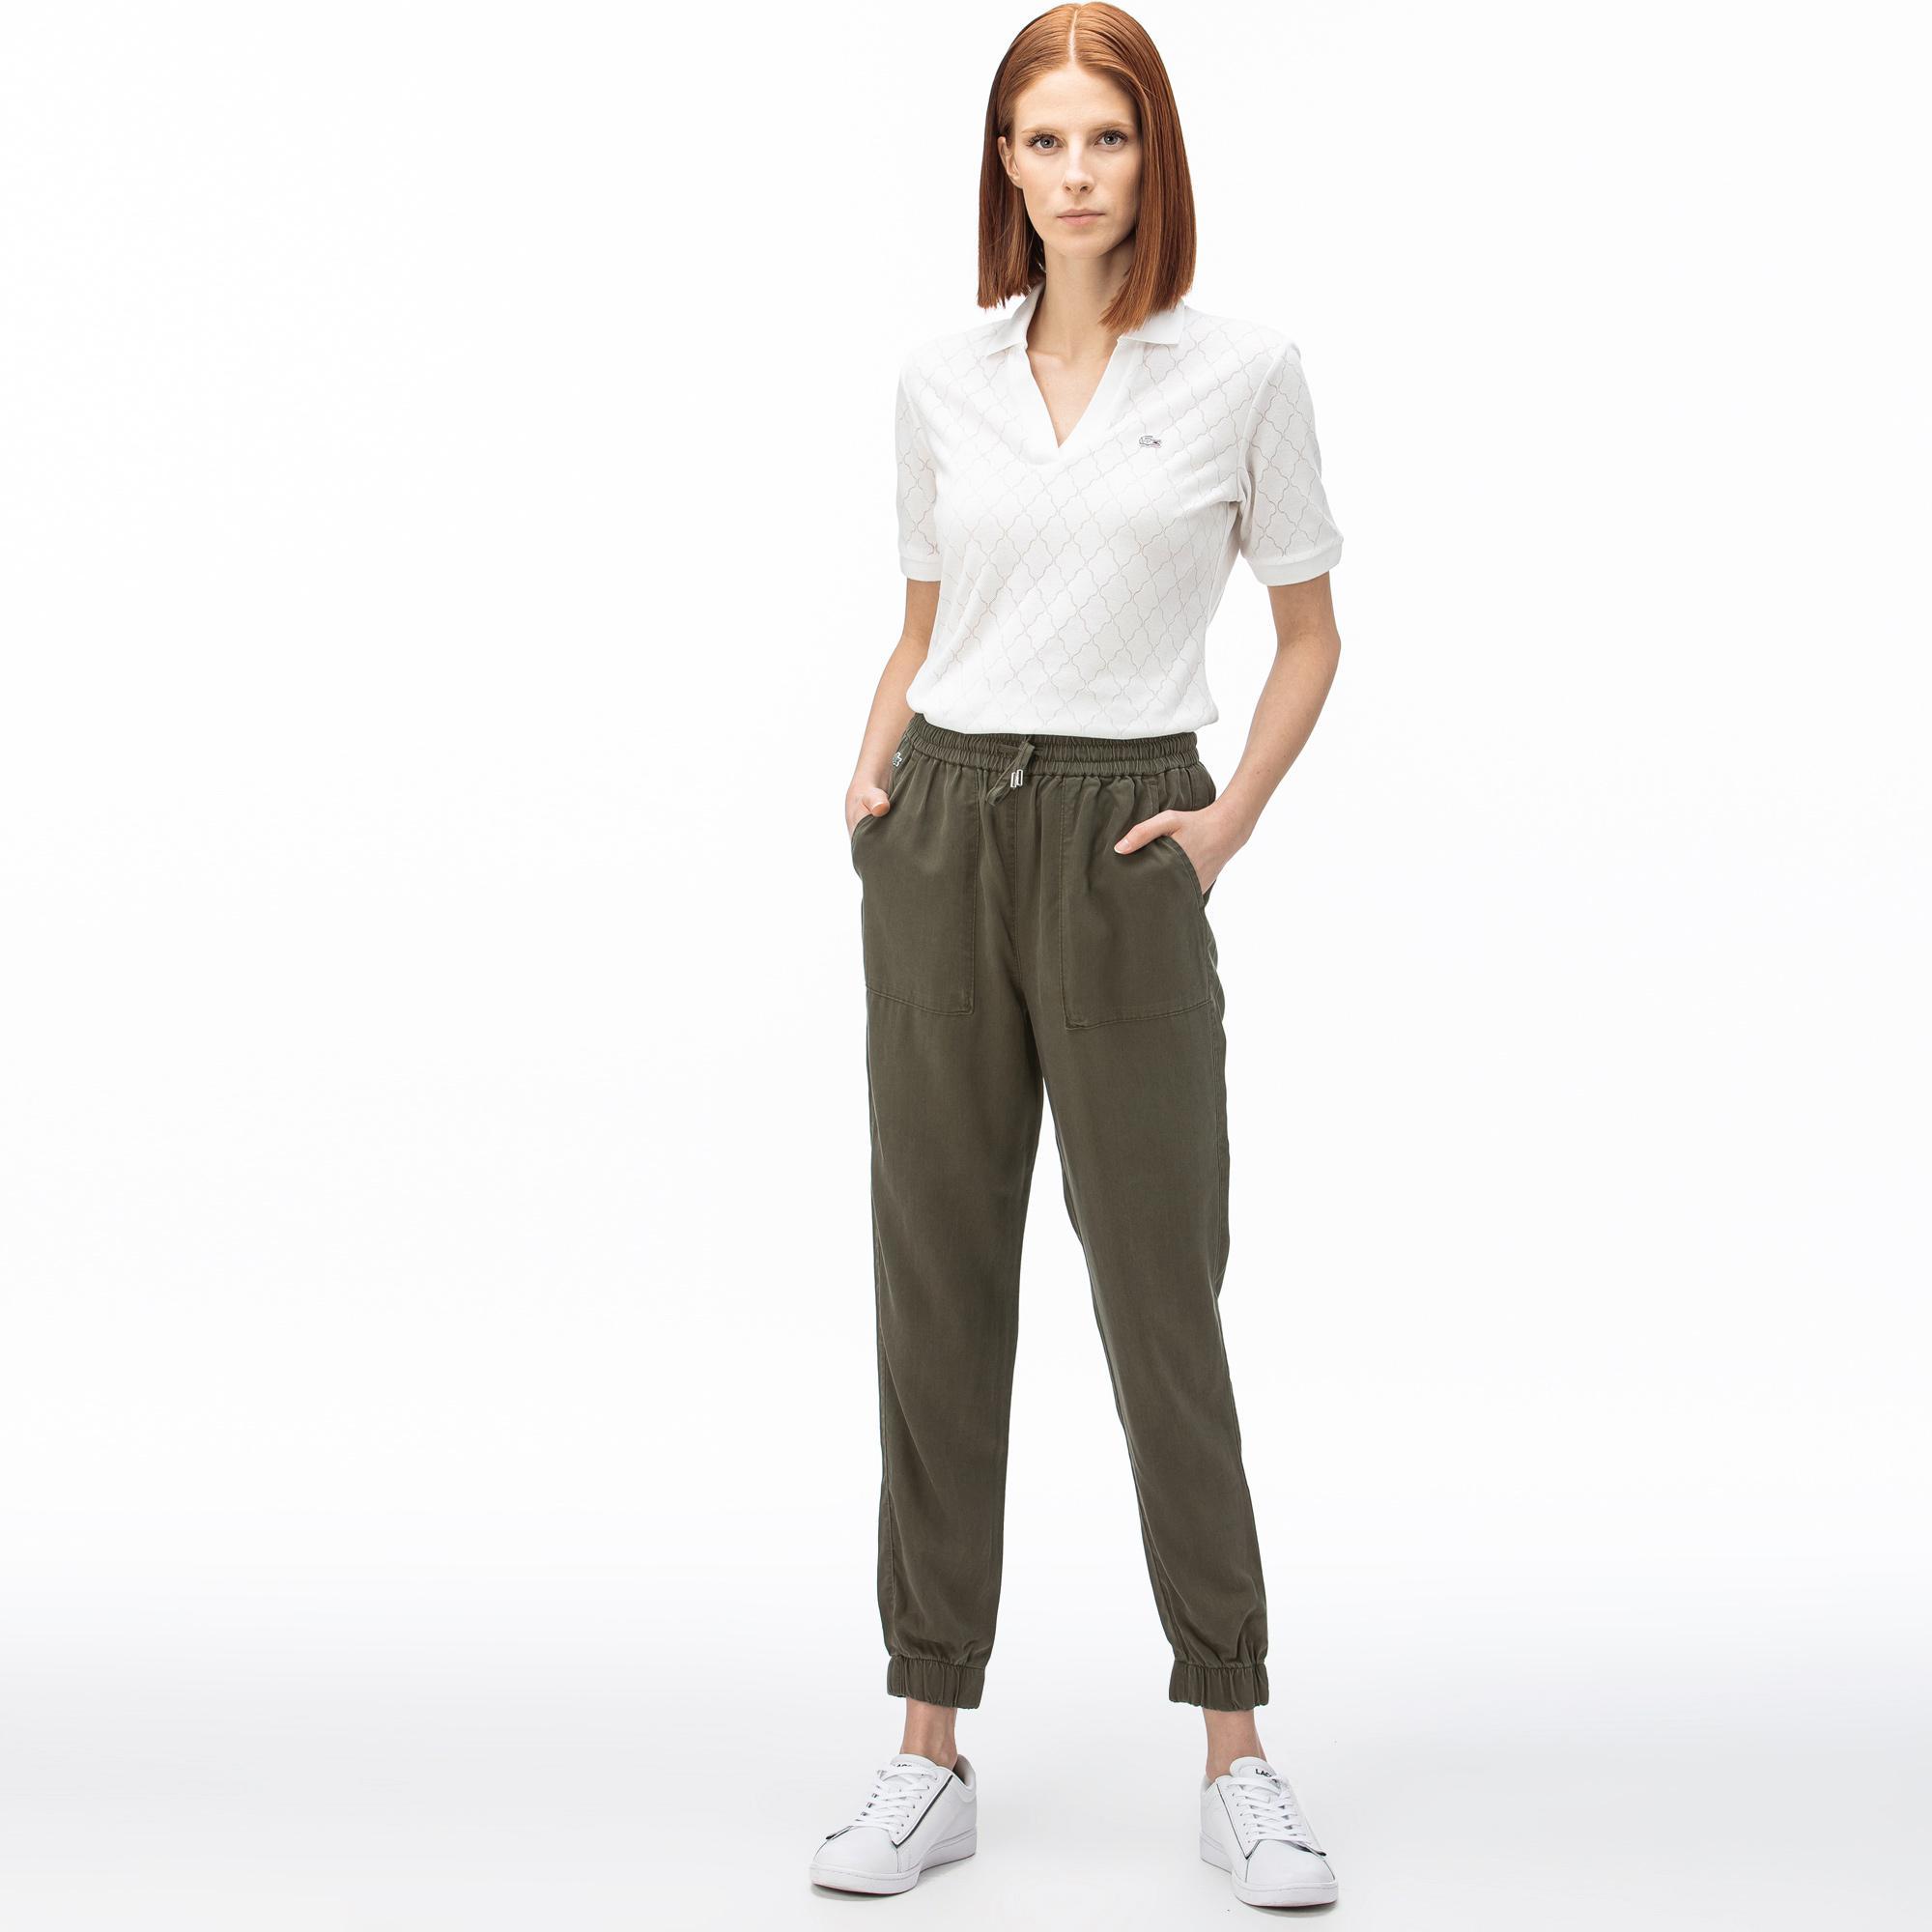 Lacoste Women's Denim Trousers